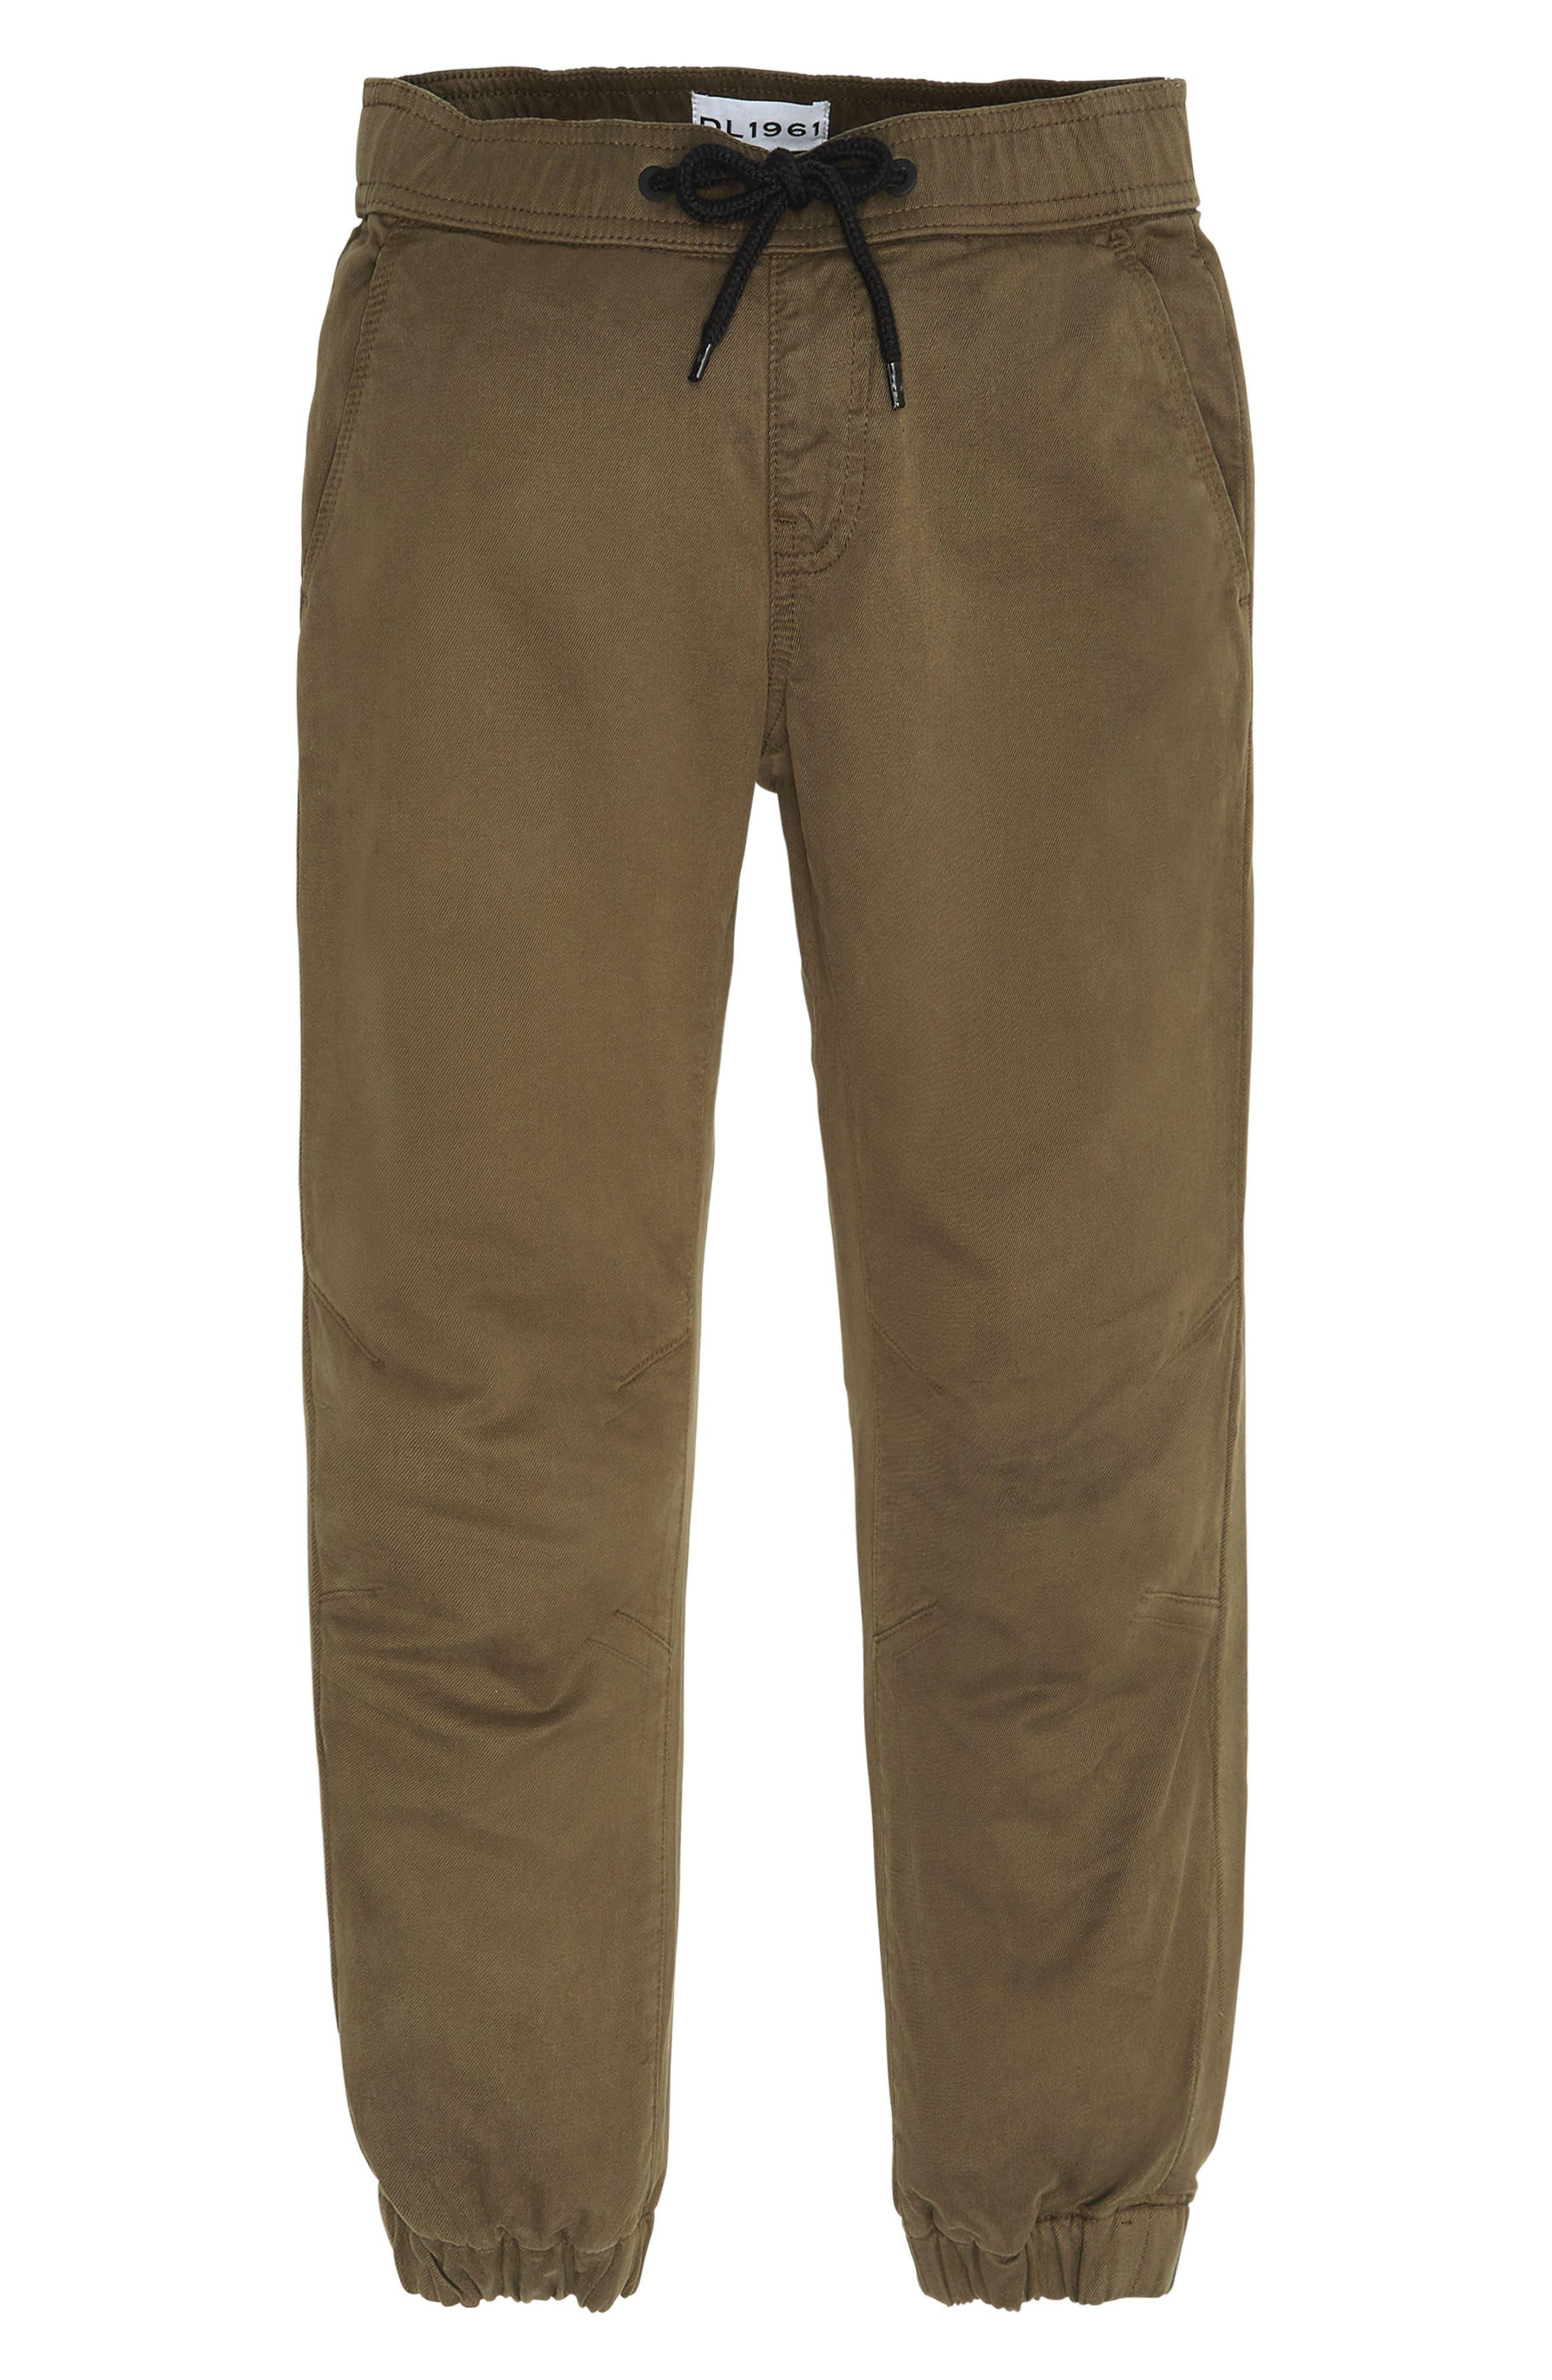 DL1961 Jackson Jogger Pants (Big Boys)